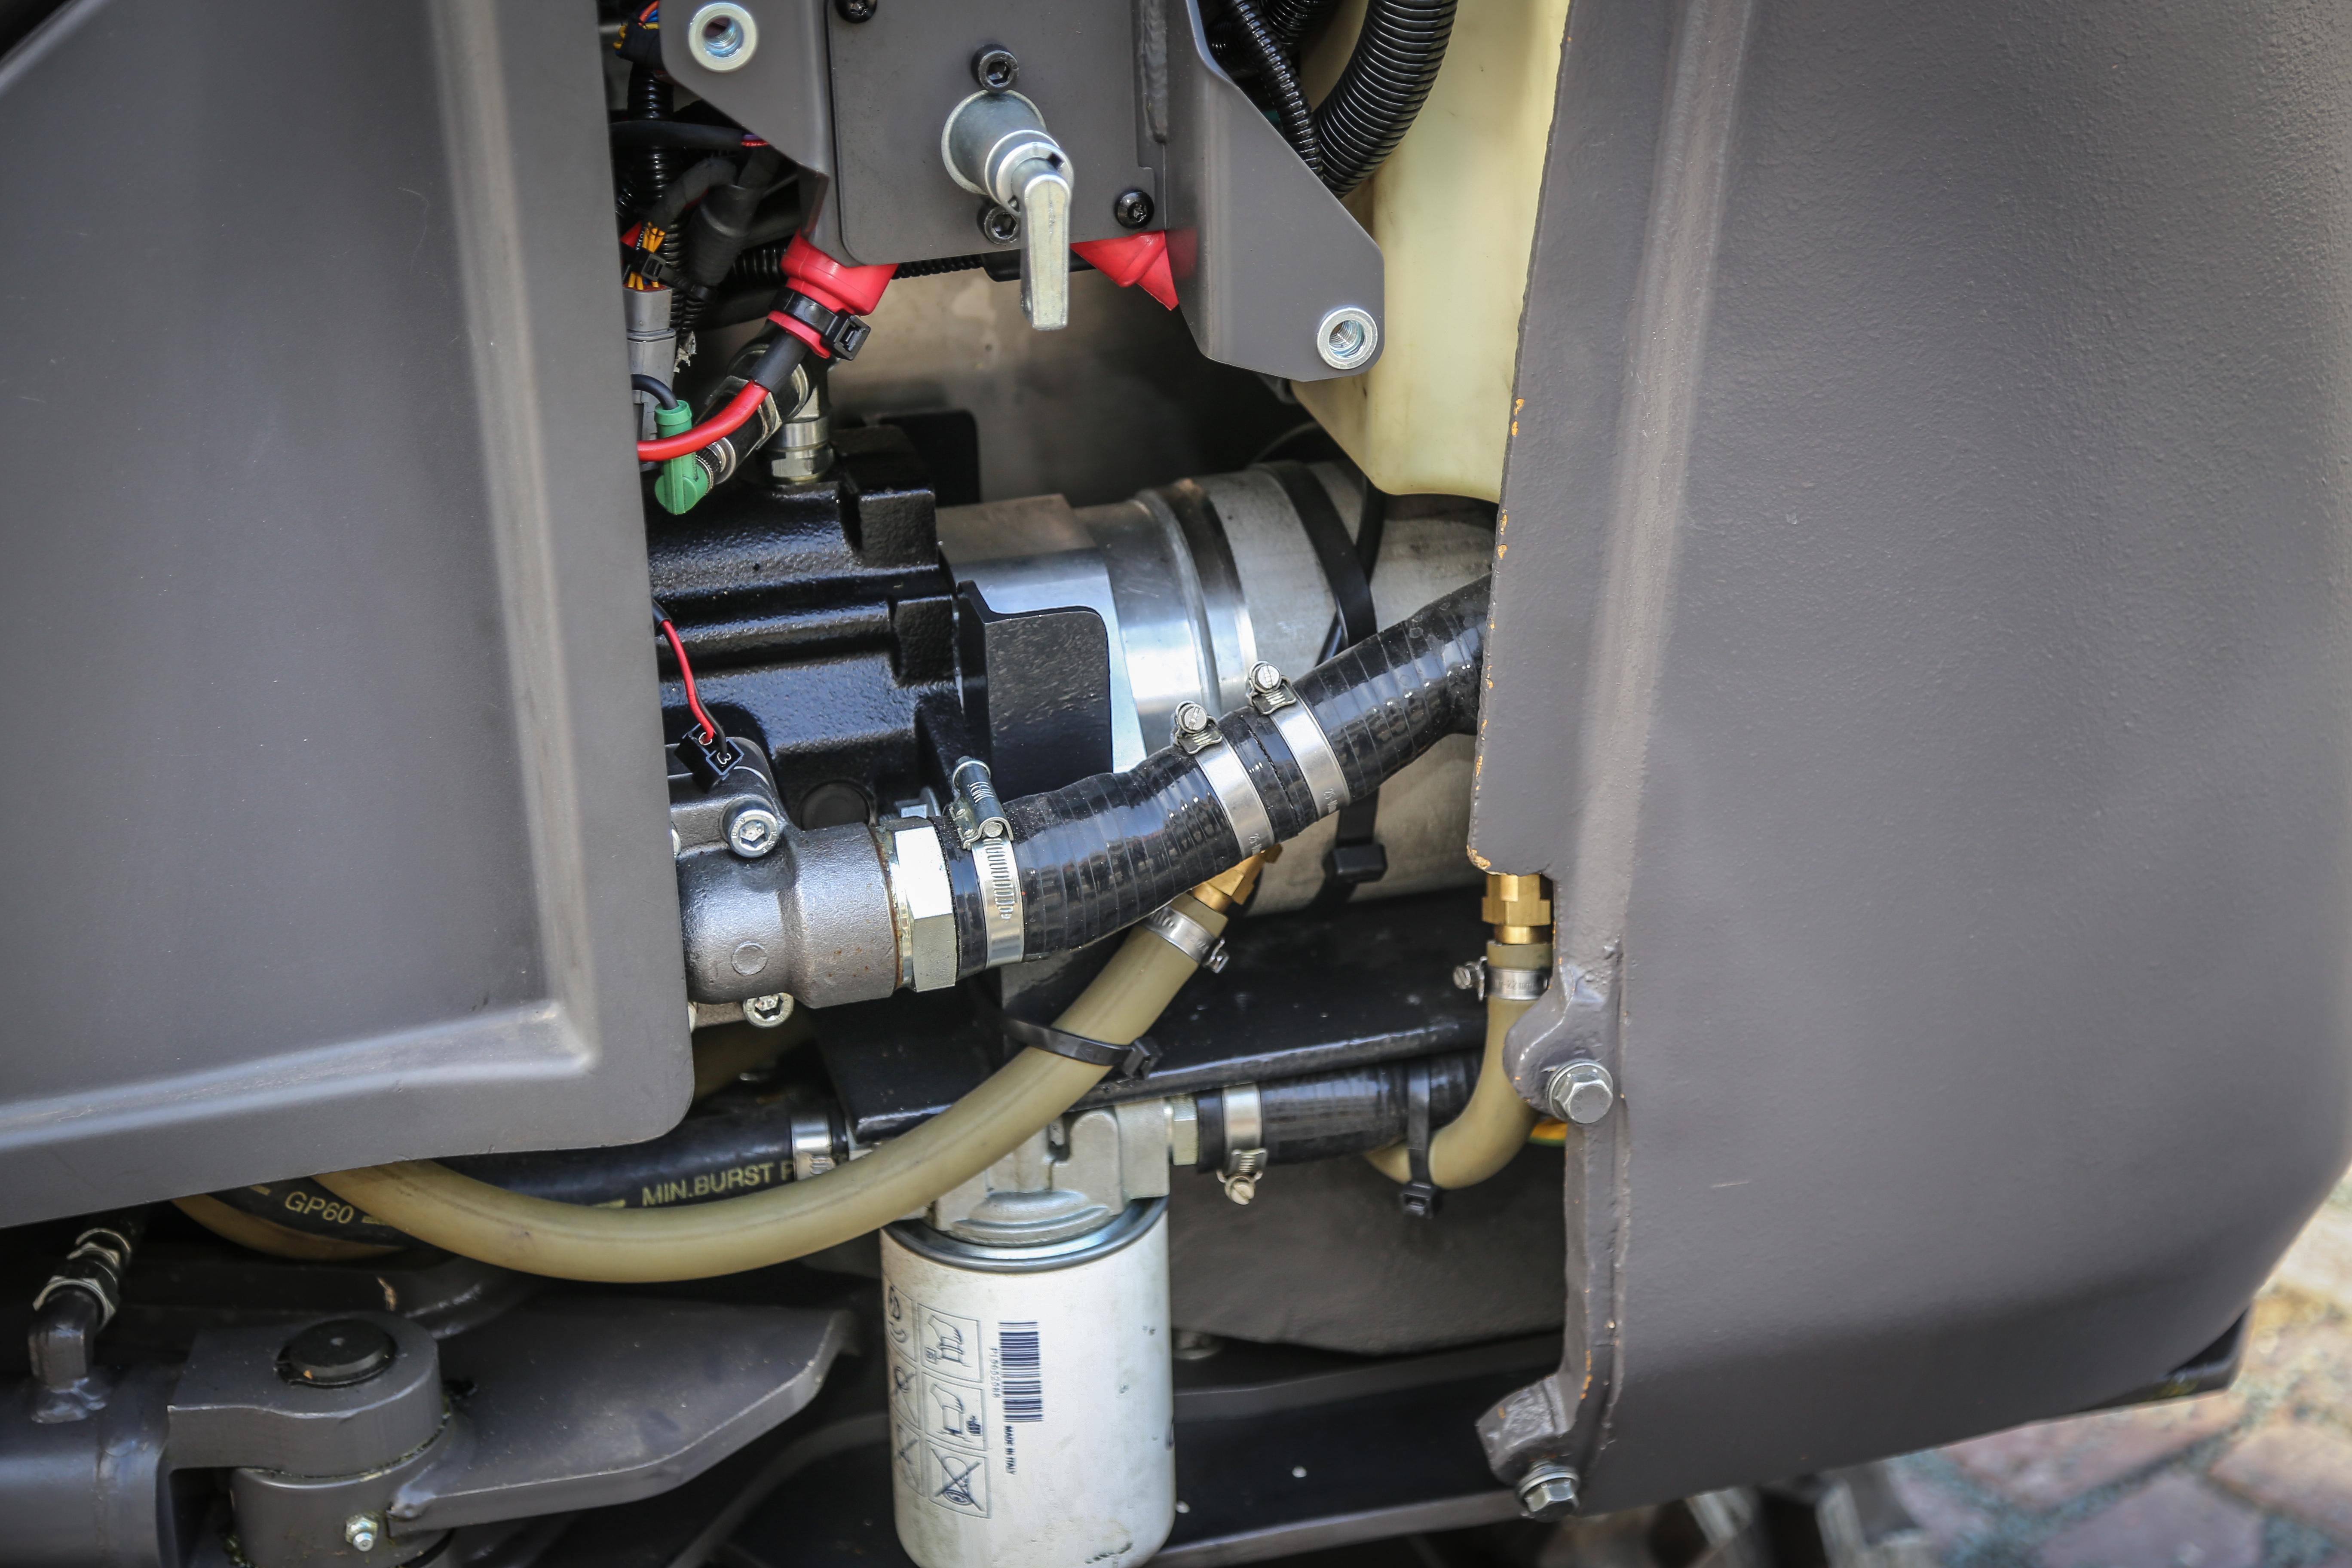 <p>De watergekoelde elektrische invertermotor is achter de linker zijbeplating net zichtbaar. Deze levert 12 kW, en dat is evenveel als de dieselmotor van oorsprong. Verschillen in prestaties zijn niet waarneembaar. </p>